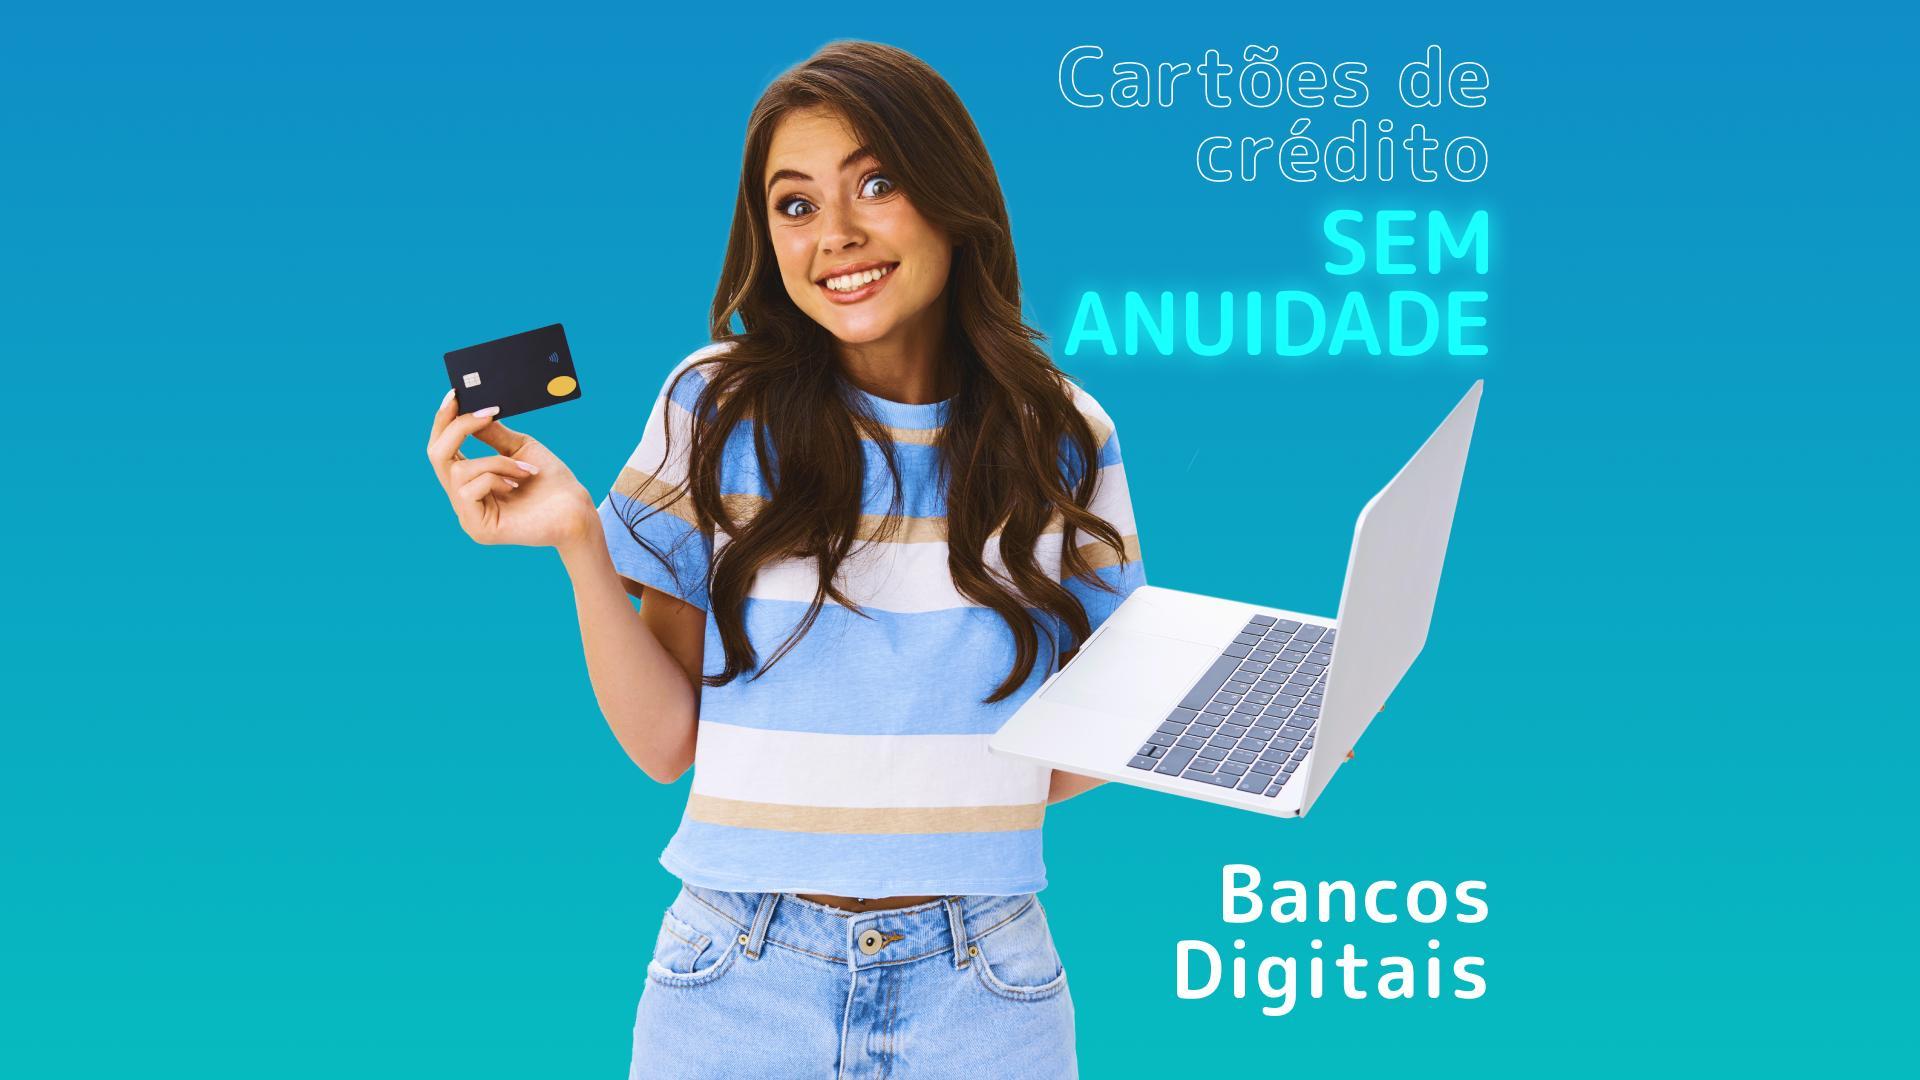 cartoes-sem-anuidade-bancos-digitais.jpg